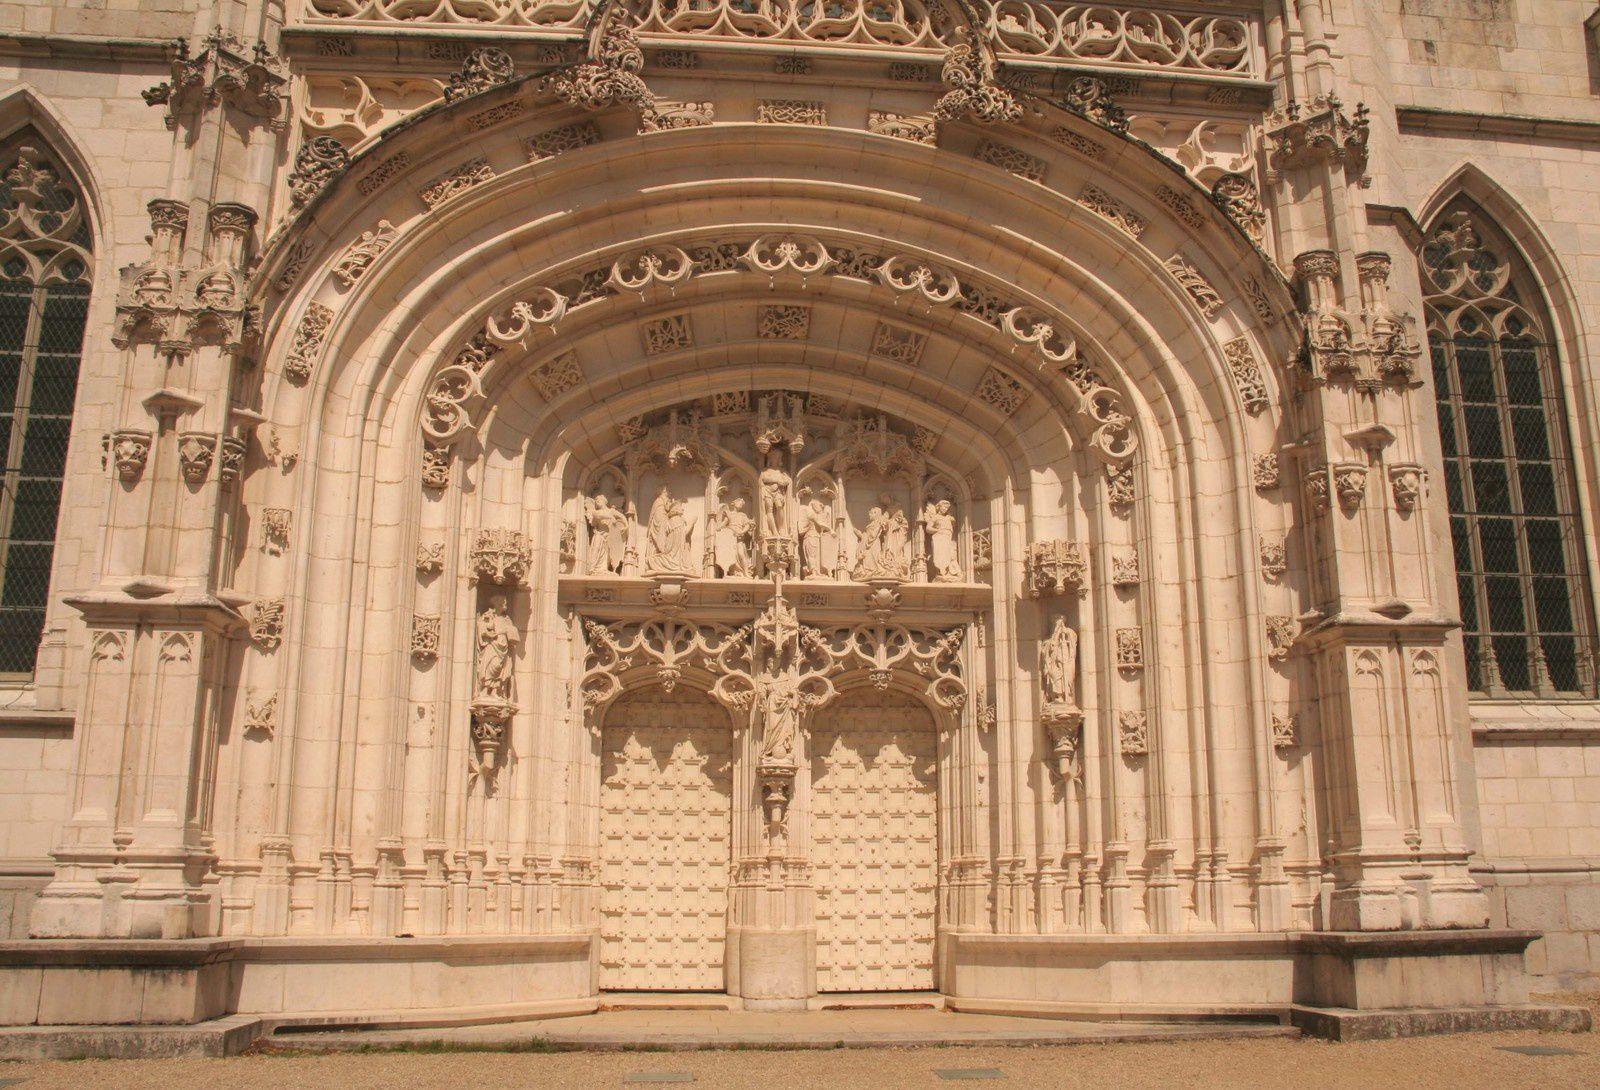 Le monastère de Brou, merveille du gothique flamboyant